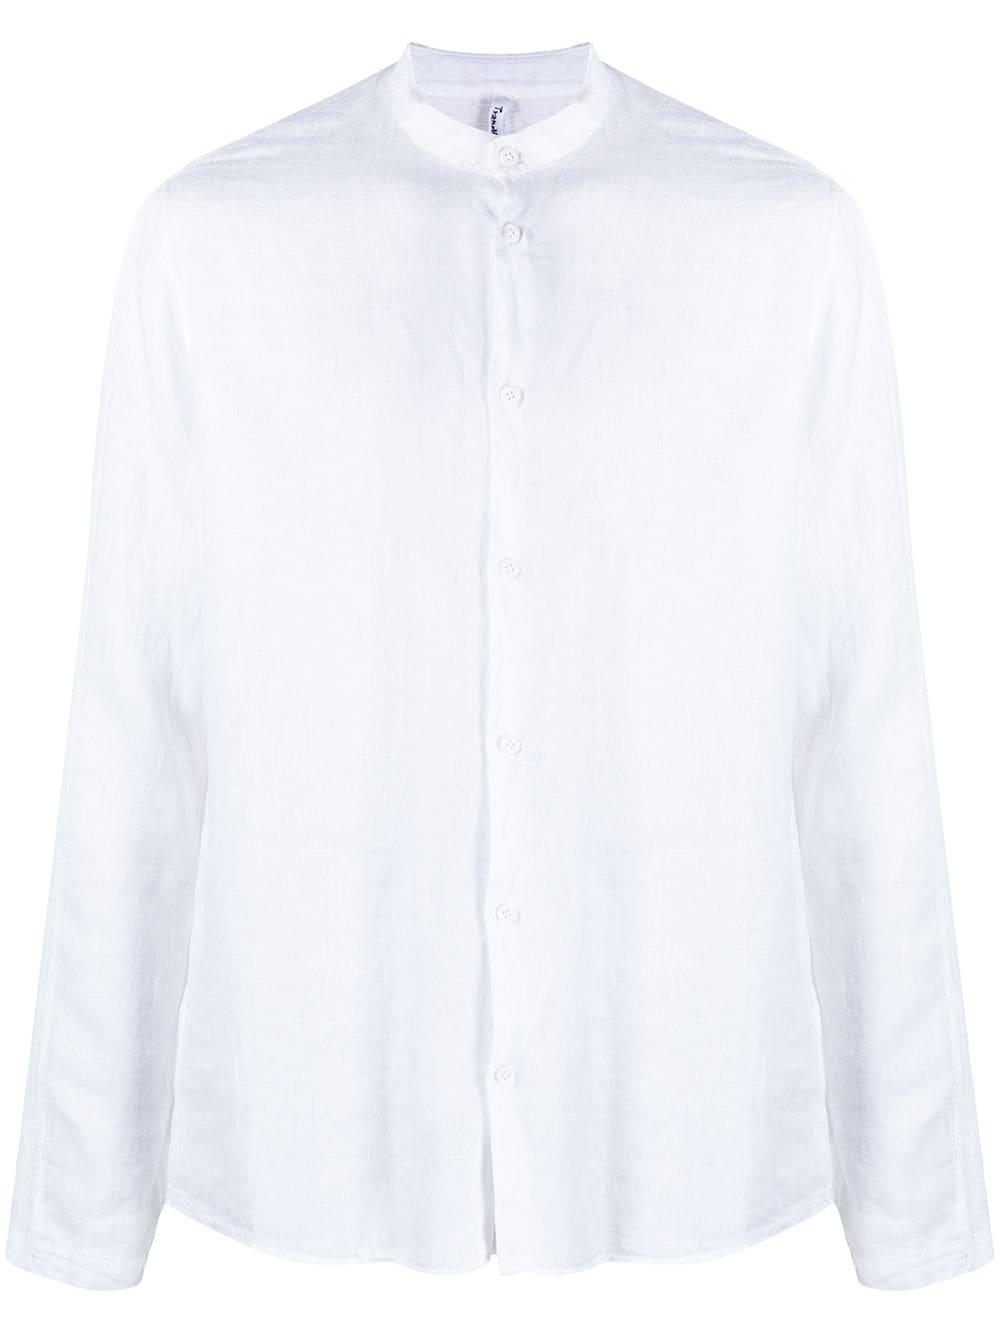 White linen collarless long-sleeve shirt  TRANSIT |  | CFUTRN-V312U00